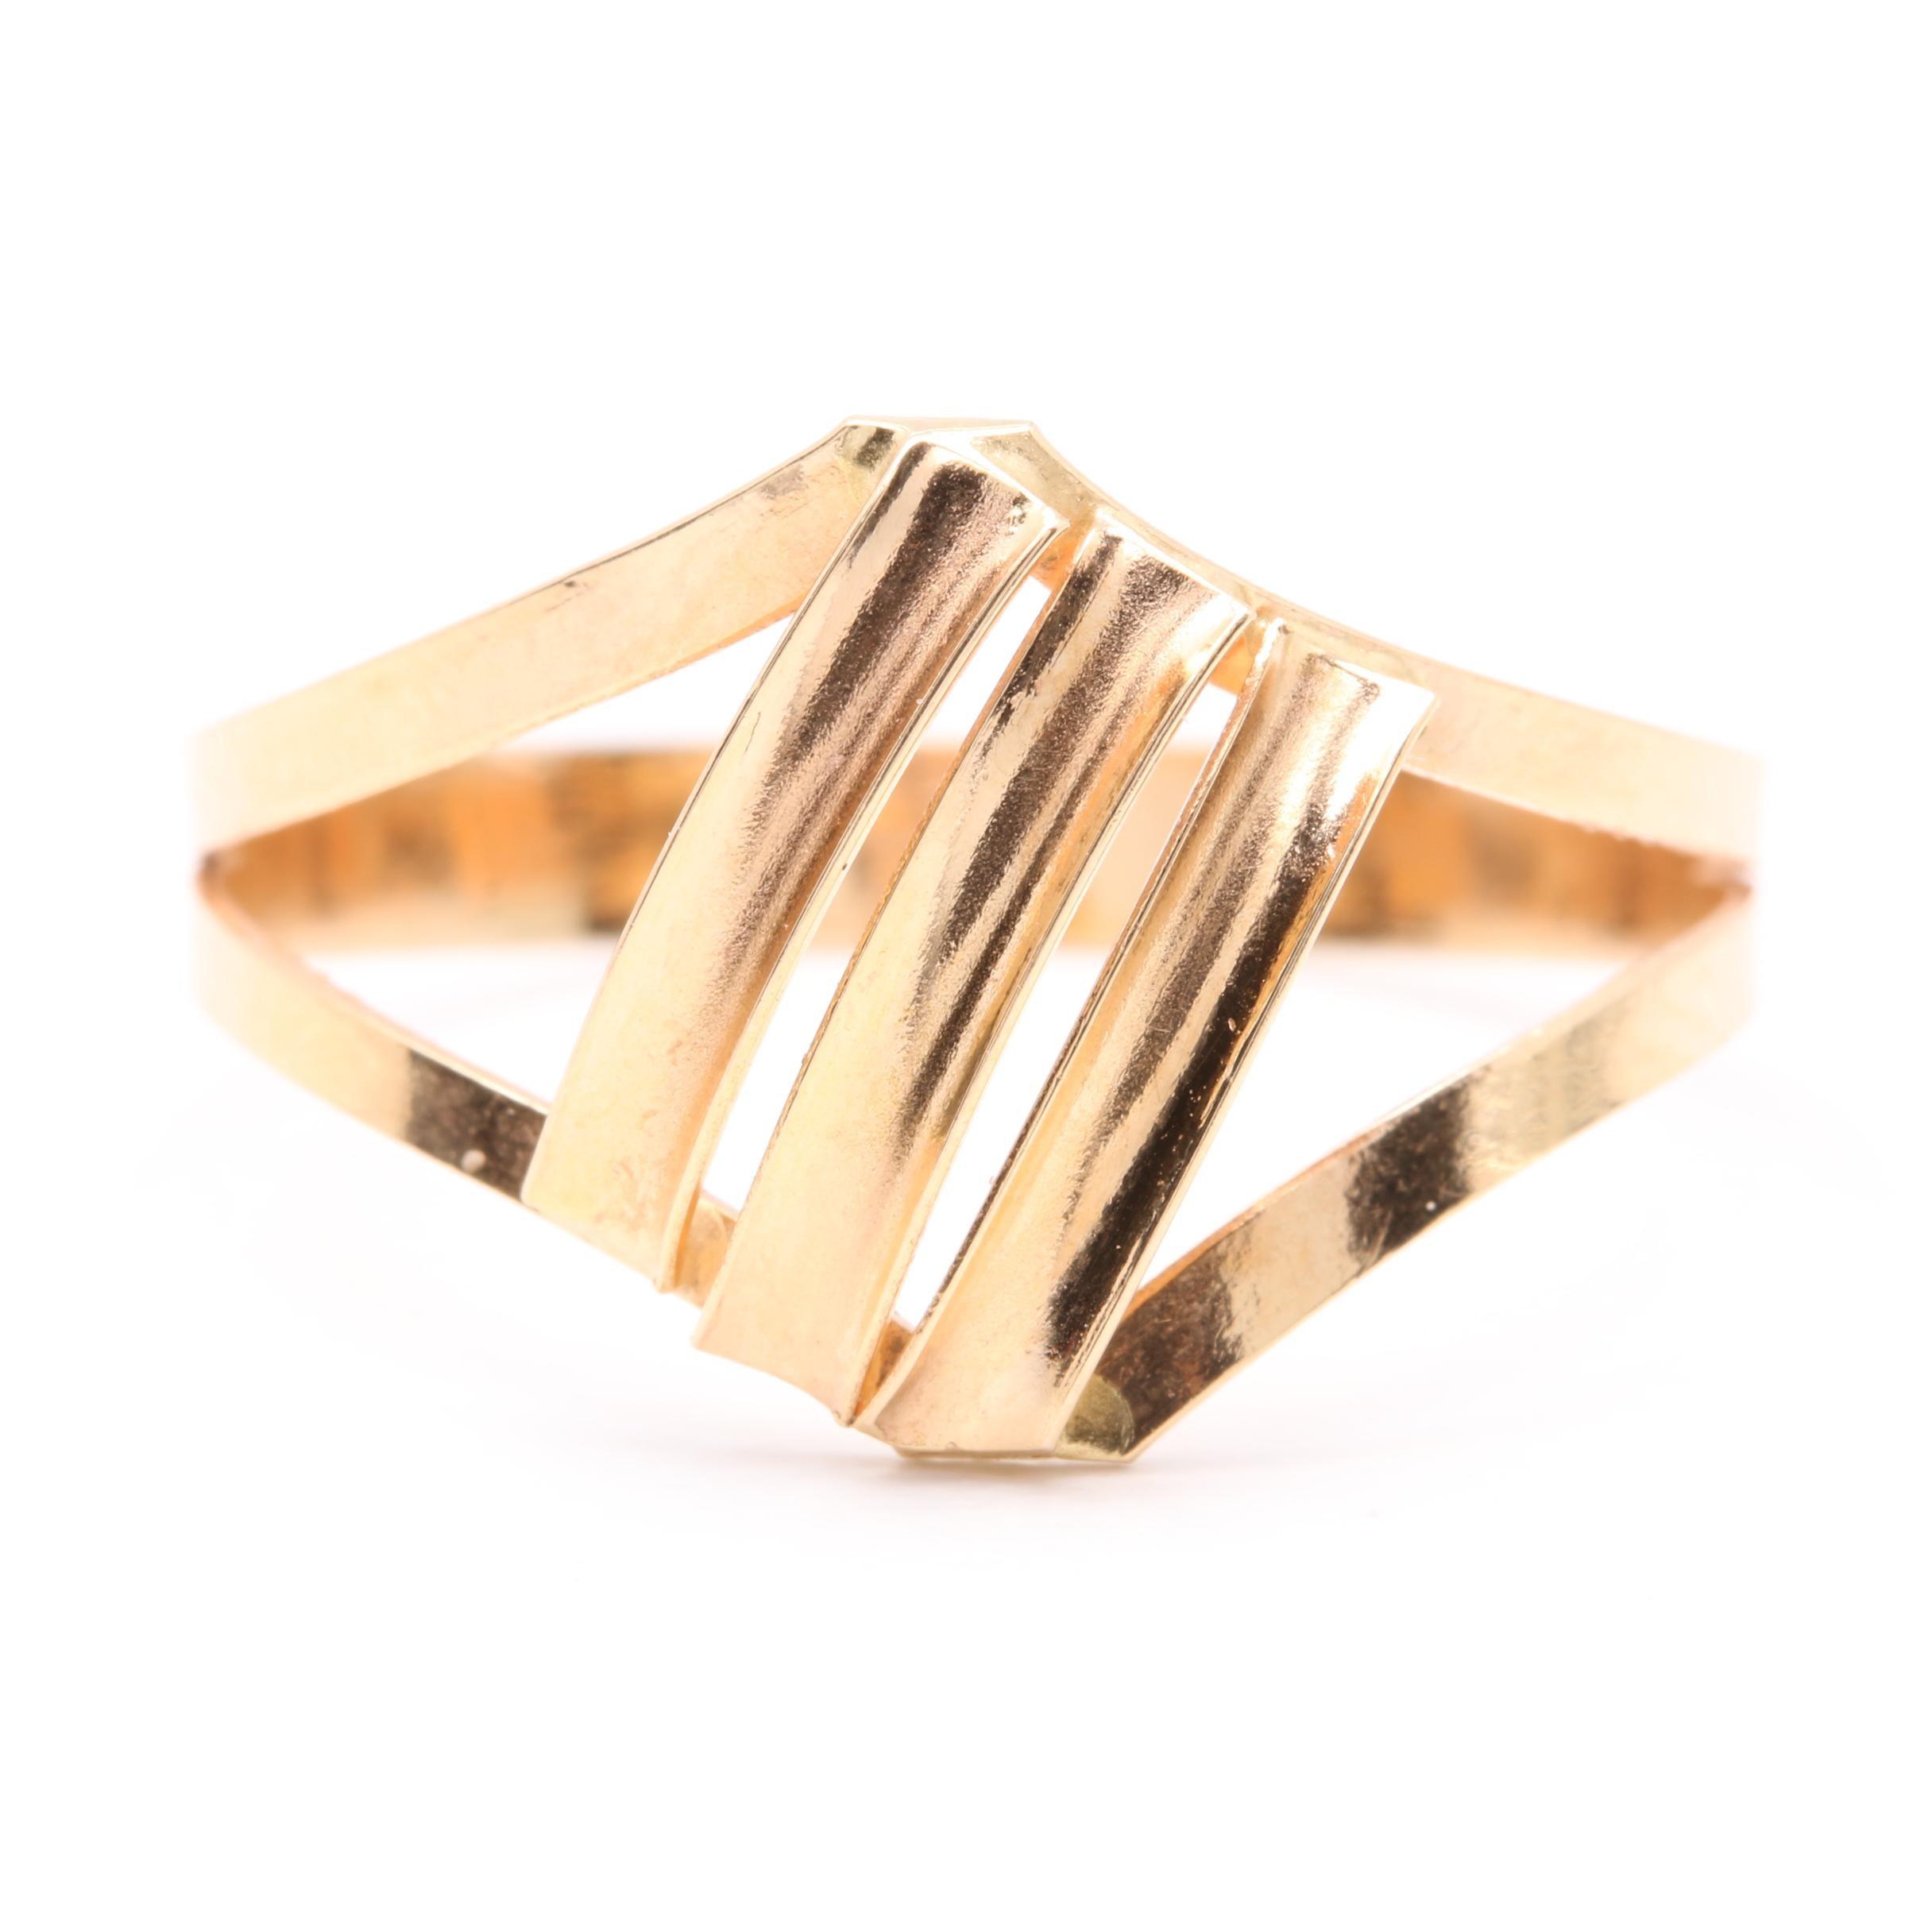 18K Yellow Gold Openwork Ring